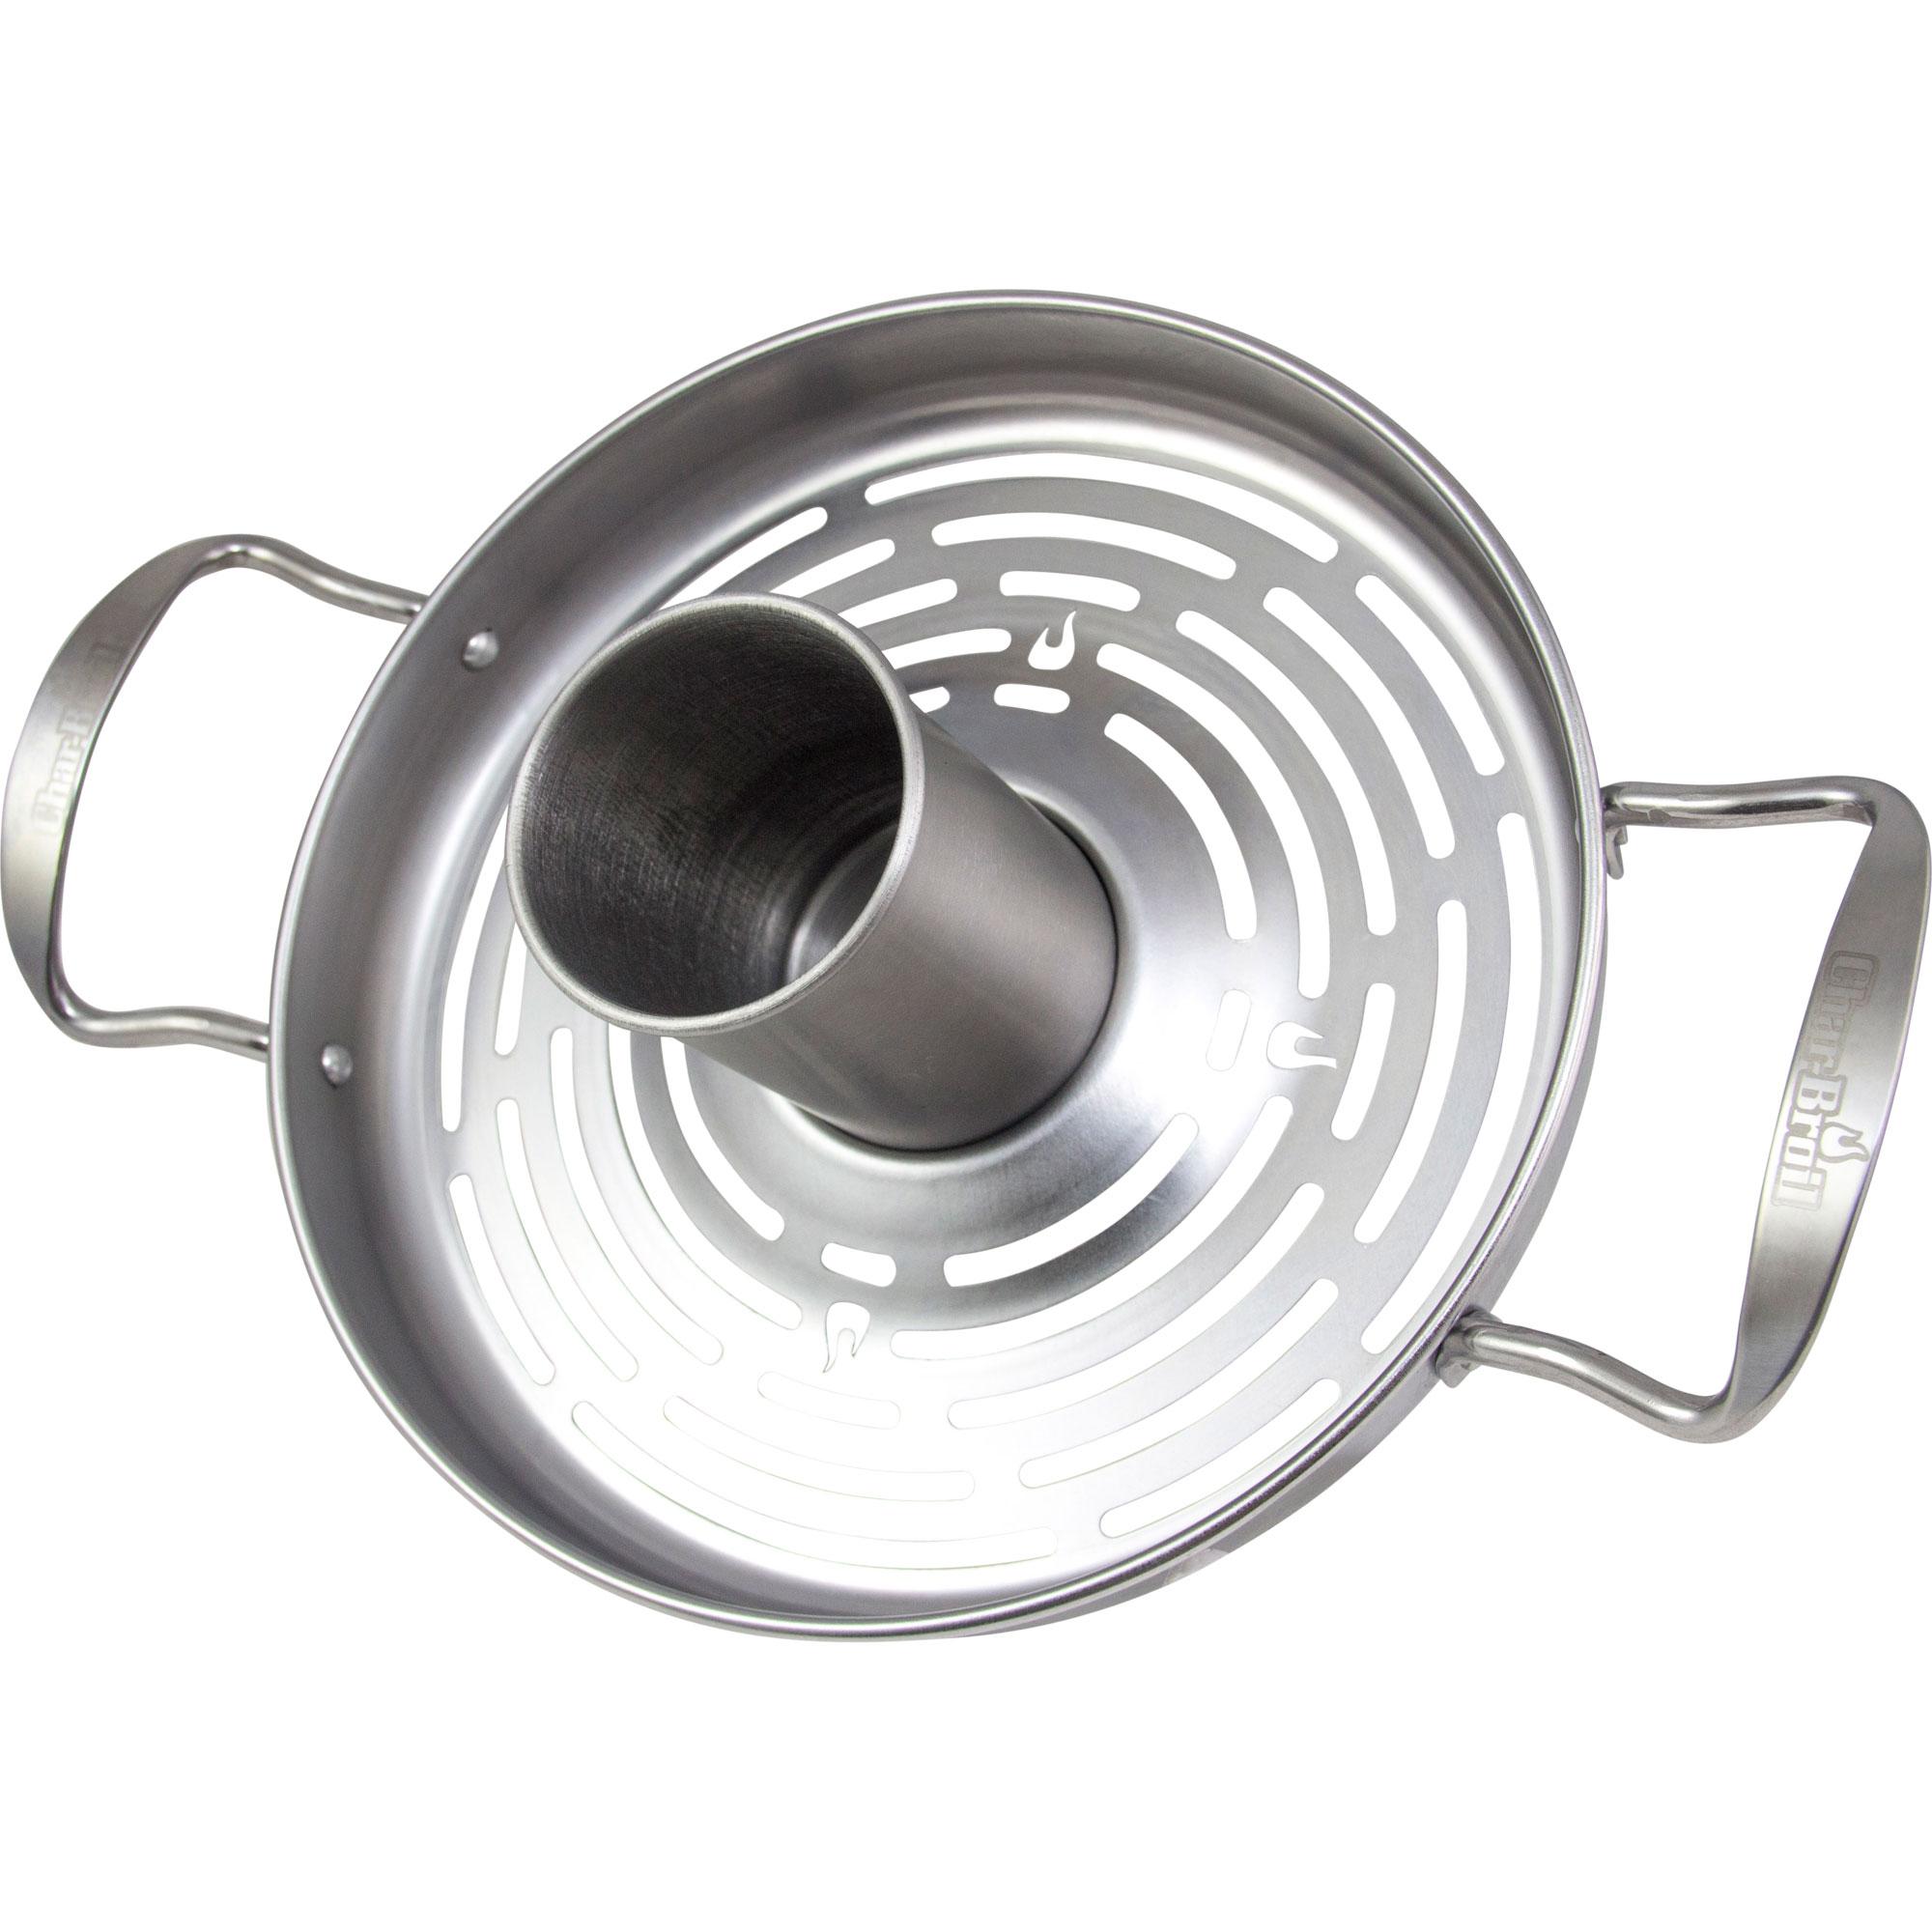 Char-Broil Hähnchenhalter / Brataufsatz für Bierdosen-Hähnchen Bild 3